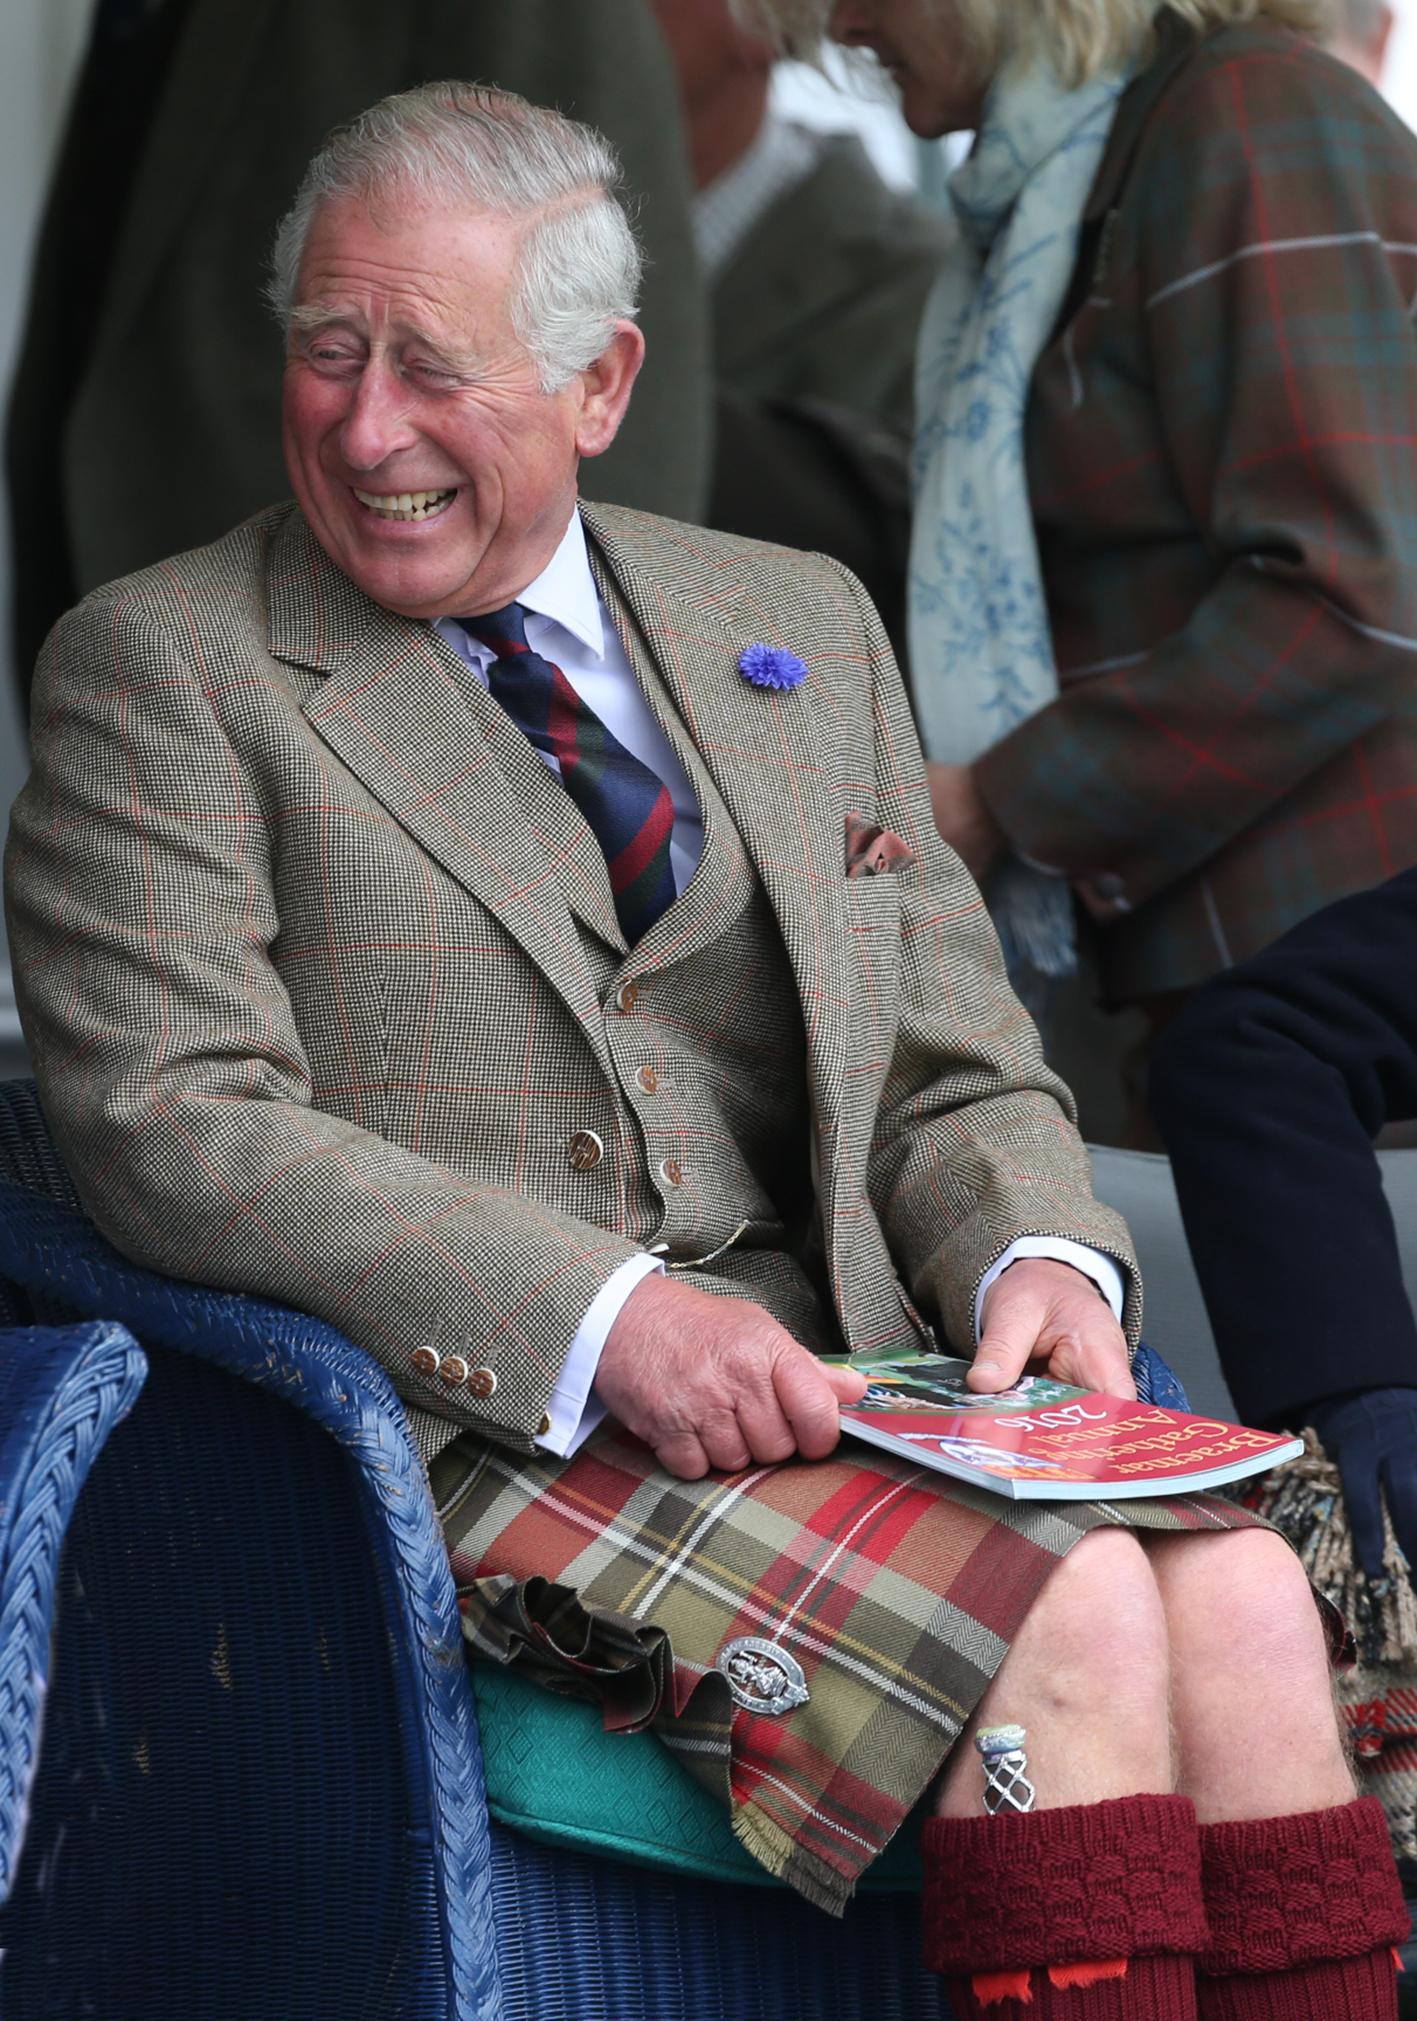 Scottish dating sites for seniors